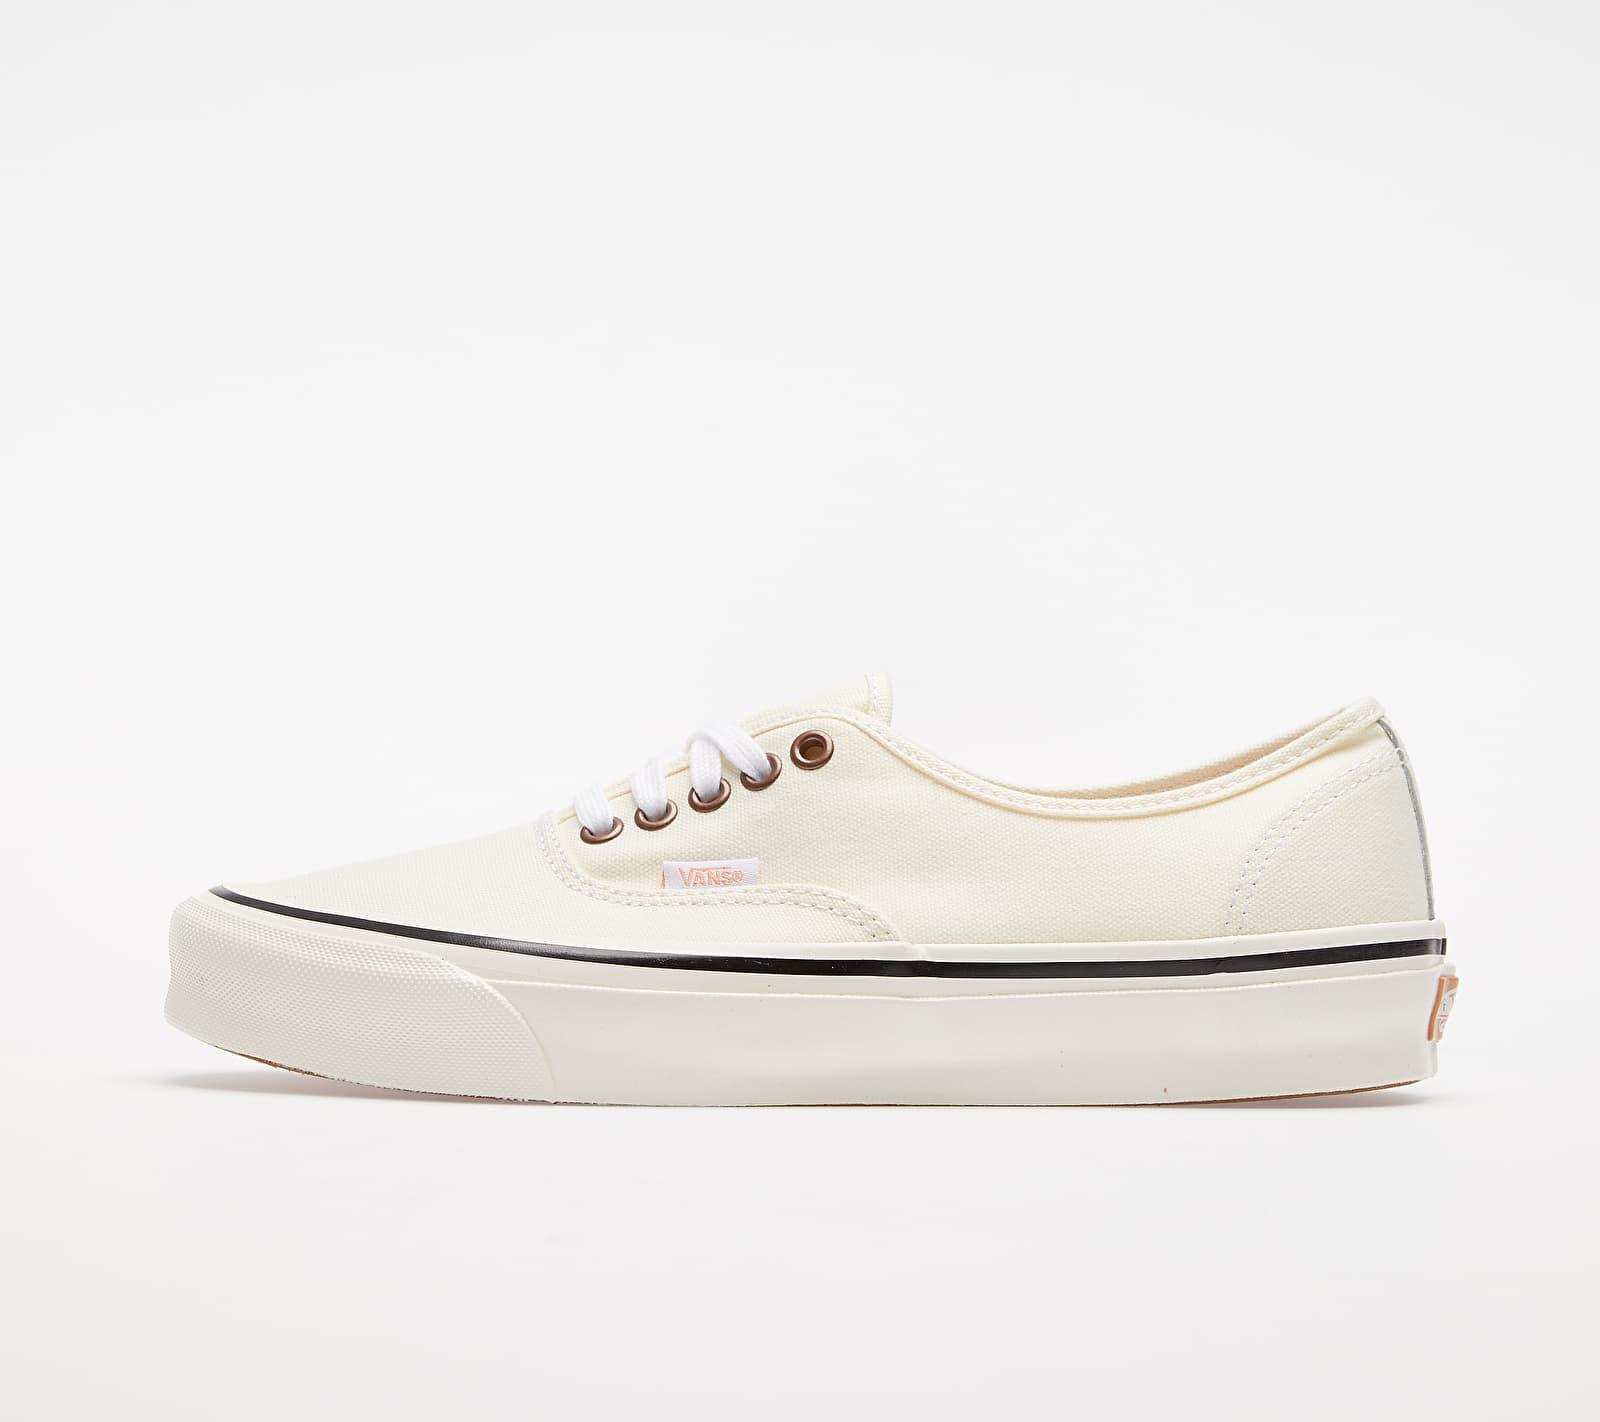 Vans OG Authentic LX (Copson) Classic White/ Blanc De Blanc VN0A4BV9TLC1